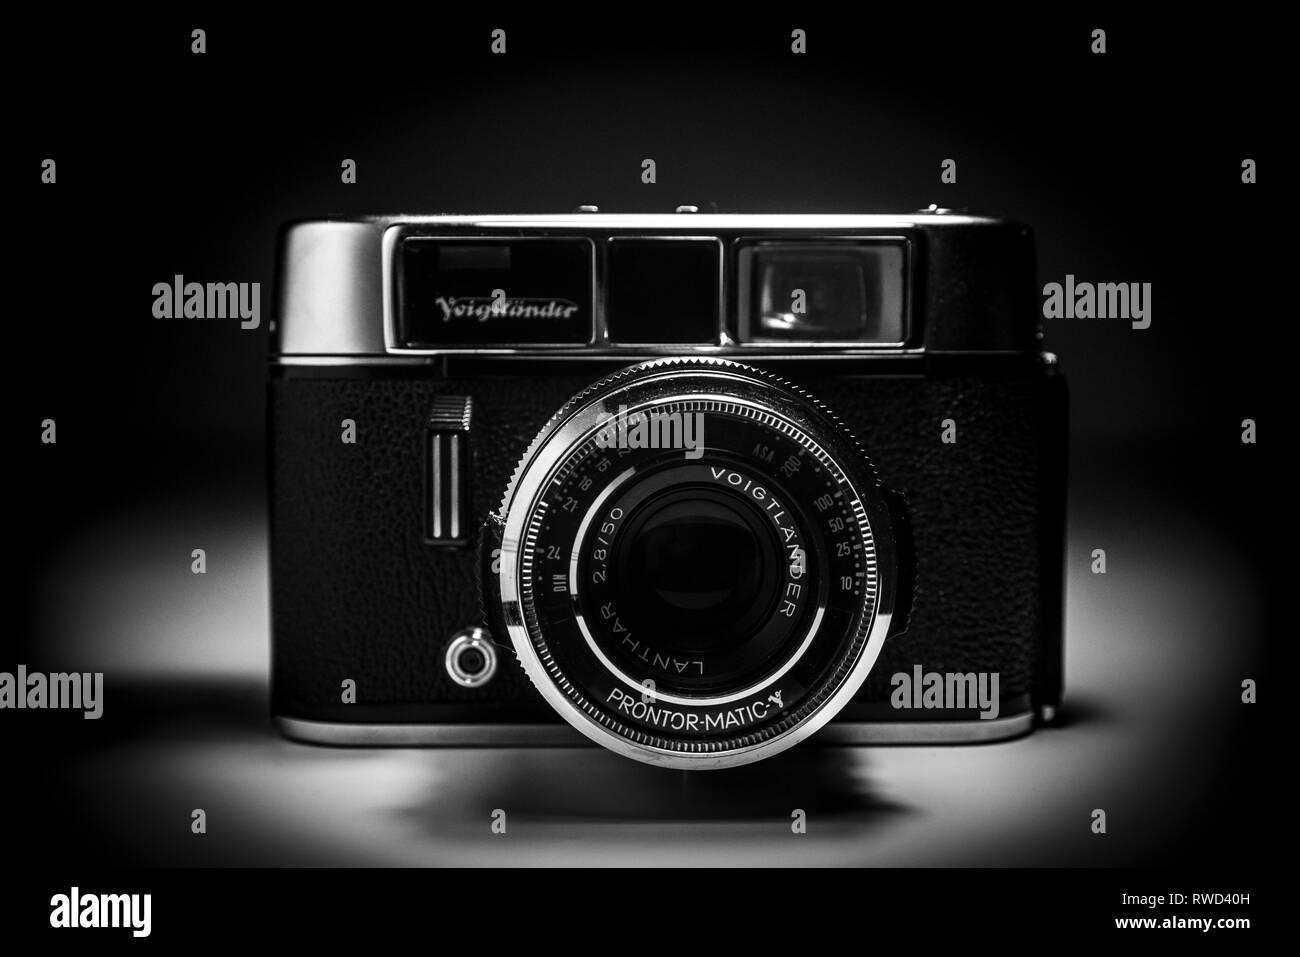 Eine Voigtländer Kamera aus alten Zeiten. Analoge Kamera in Schwarz und Weiß. Stockbild